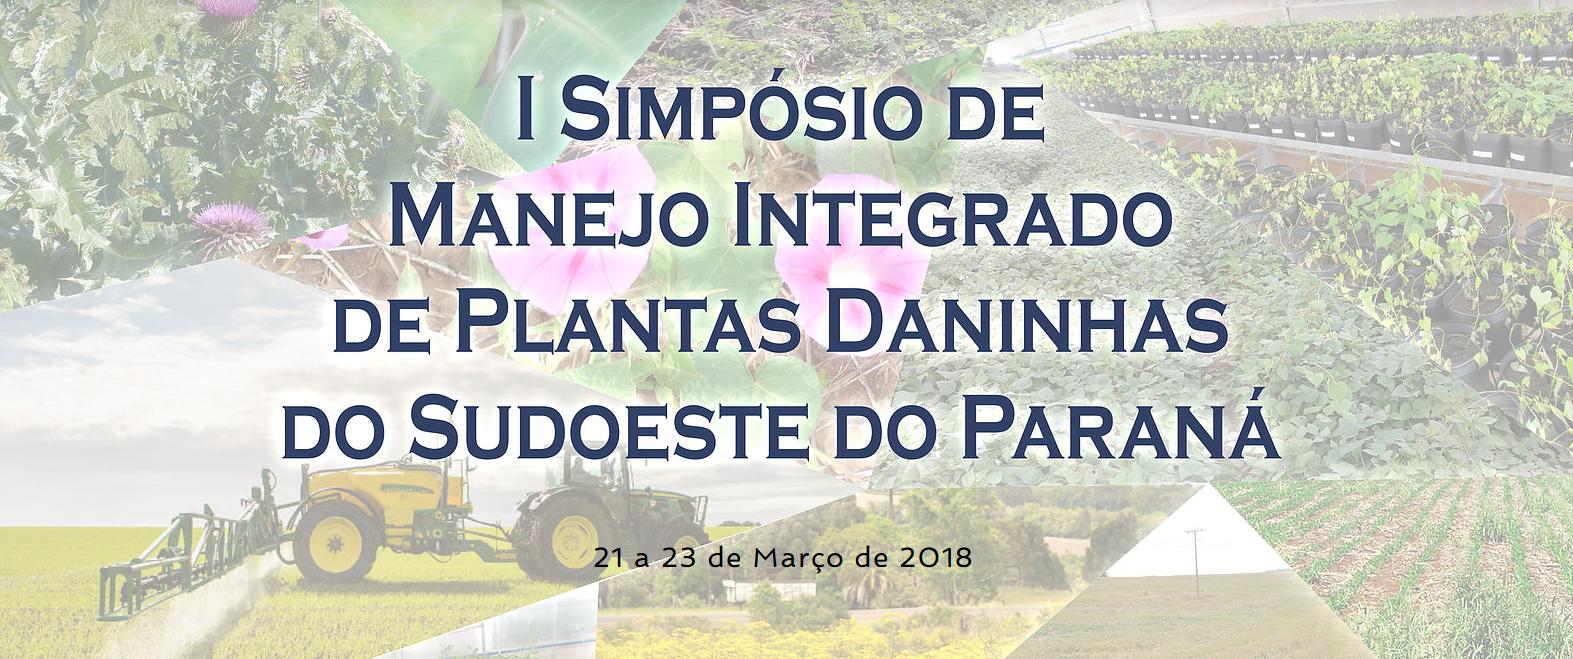 """Cartaz contendo nome e data do evento """"I Simpósio de manejo integrado de plantas daninhas do sudoeste do Paraná, de 21 e 23 de março de 2018"""""""